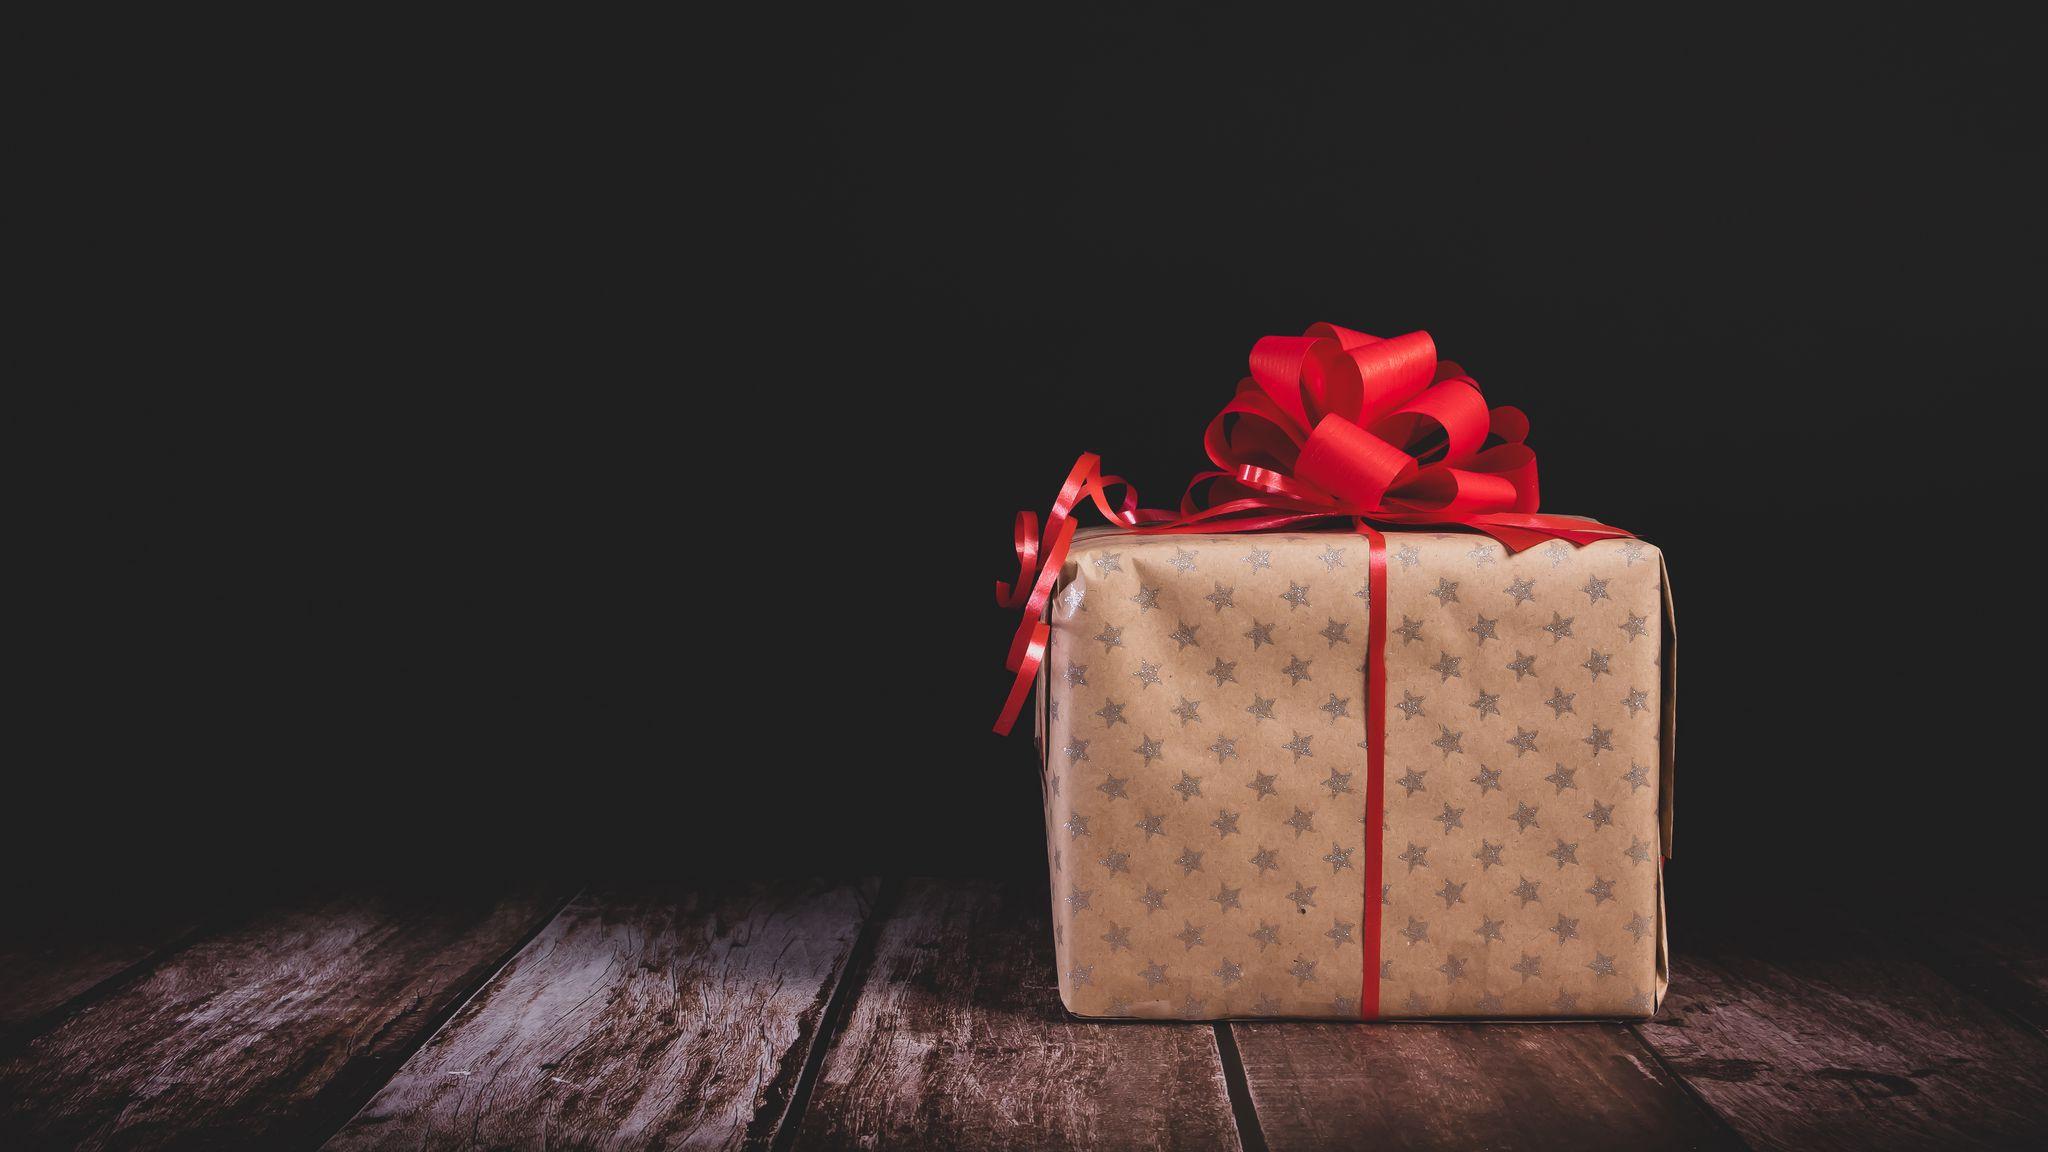 2048x1152 Wallpaper gift, box, bow, holiday